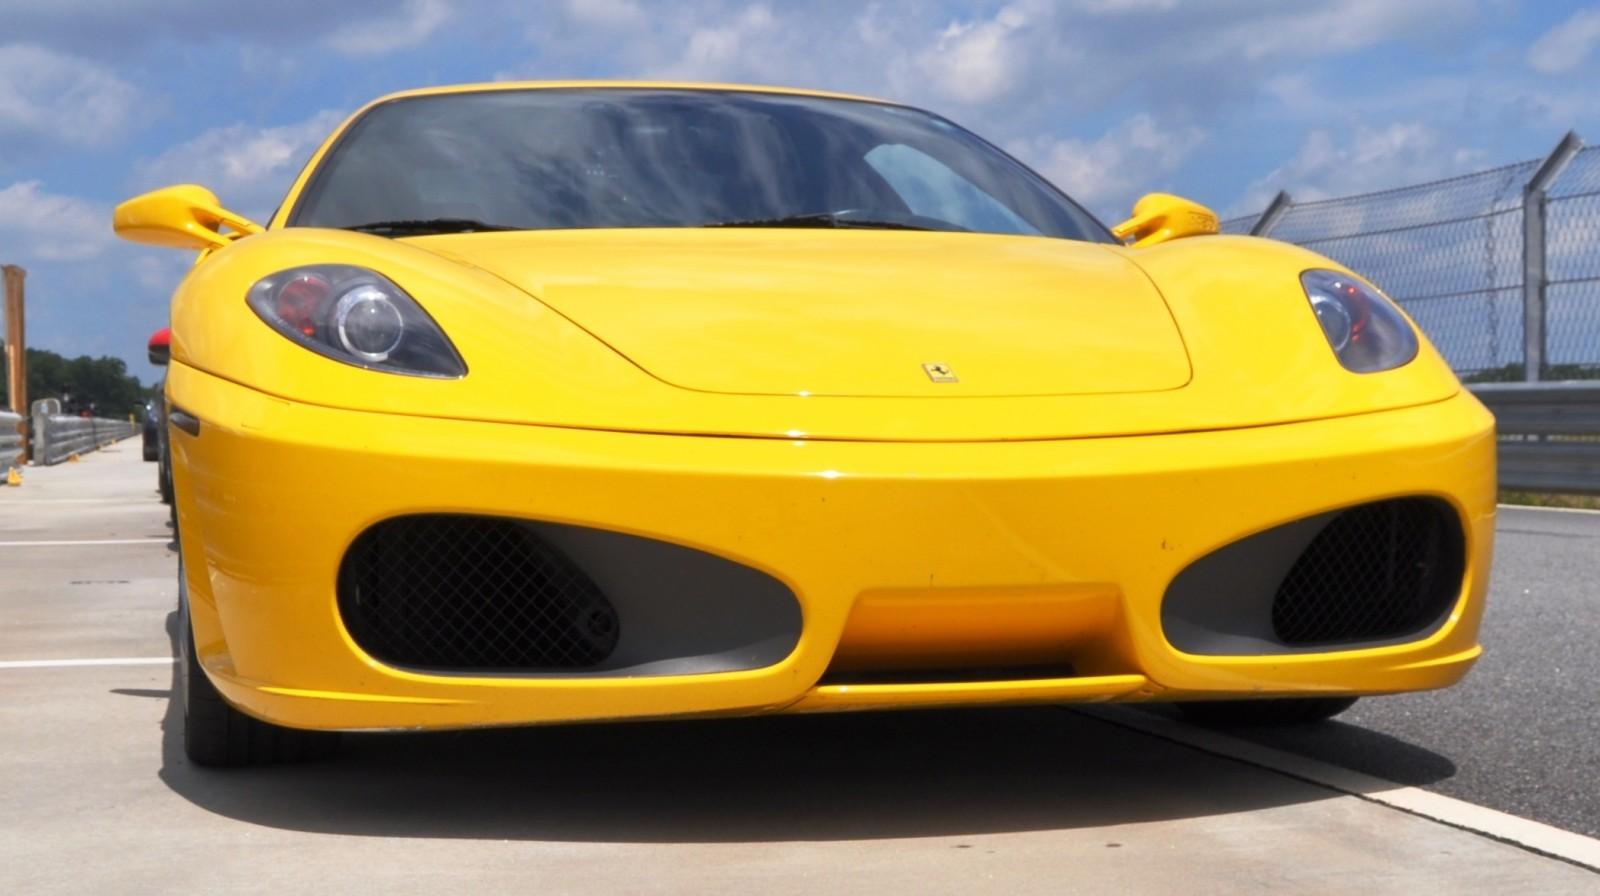 Beating the Supercar Paradox - 2007 Ferrari F430 at Velocity Motorsports Supercar Track Drive 24